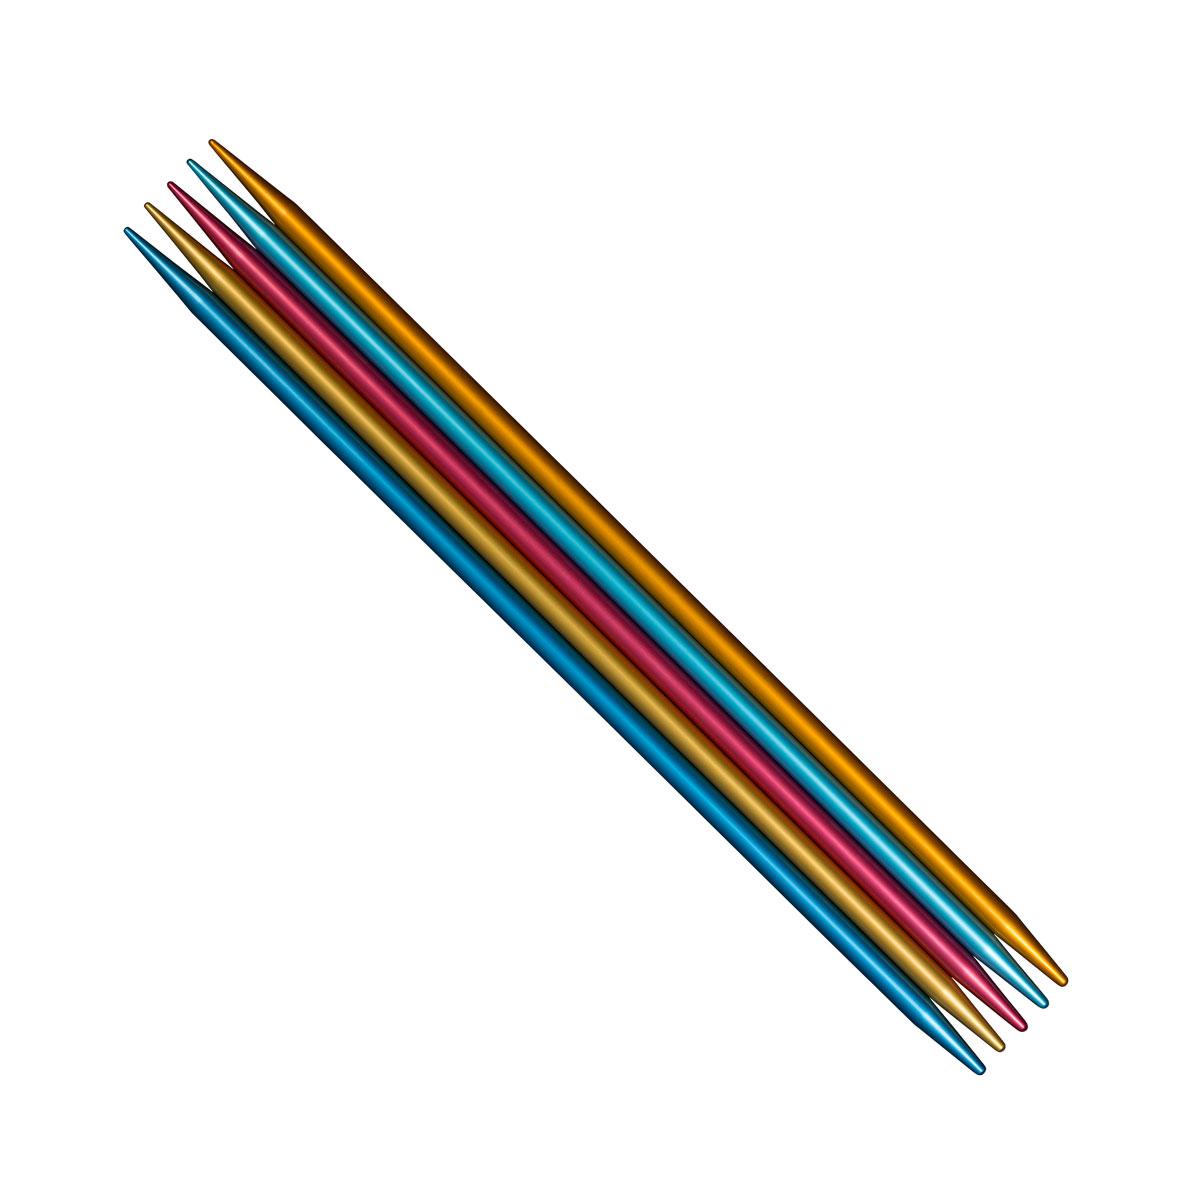 ADDI Спицы, чулочные, сверхлегкие Colibri, №3.5, 20 см, 5 шт204-7/3.5-20Спицы Colibris имеют отличительный цвет и структуру. За счет полого и легкого материала руки при вязании практически не устают, что особенно важно при вязании спицами толстых размеров. Внешняя поверхность спиц особенно гладкая, а ощущения от вязания самые комфортные, так как материал быстро принимает тепло рук. Полное отсутствие соединений, либо каких-то плохо обработанных кончиков, как на пластике. Каждая спица блестит за счет своей анодированной пестрой поверхности, что особенно нравится молодой аудитории. Яркий цвет часто является козырем, как и в пряже для ручного вязания. Защищенная патентом технология чулочной спицы имеет неоспоримое преимущество. Потребитель приобретает продукт, у которого две различные функции, так как это две спицы с коротким и длинным кончиком одновременно. Комплекты толщиной от 5,5 мм имеют 23 см длинны вместо 20 см, что является неоспоримым преимуществом при работе с более толстой пряжей, которая обычно занимает много места на спице.